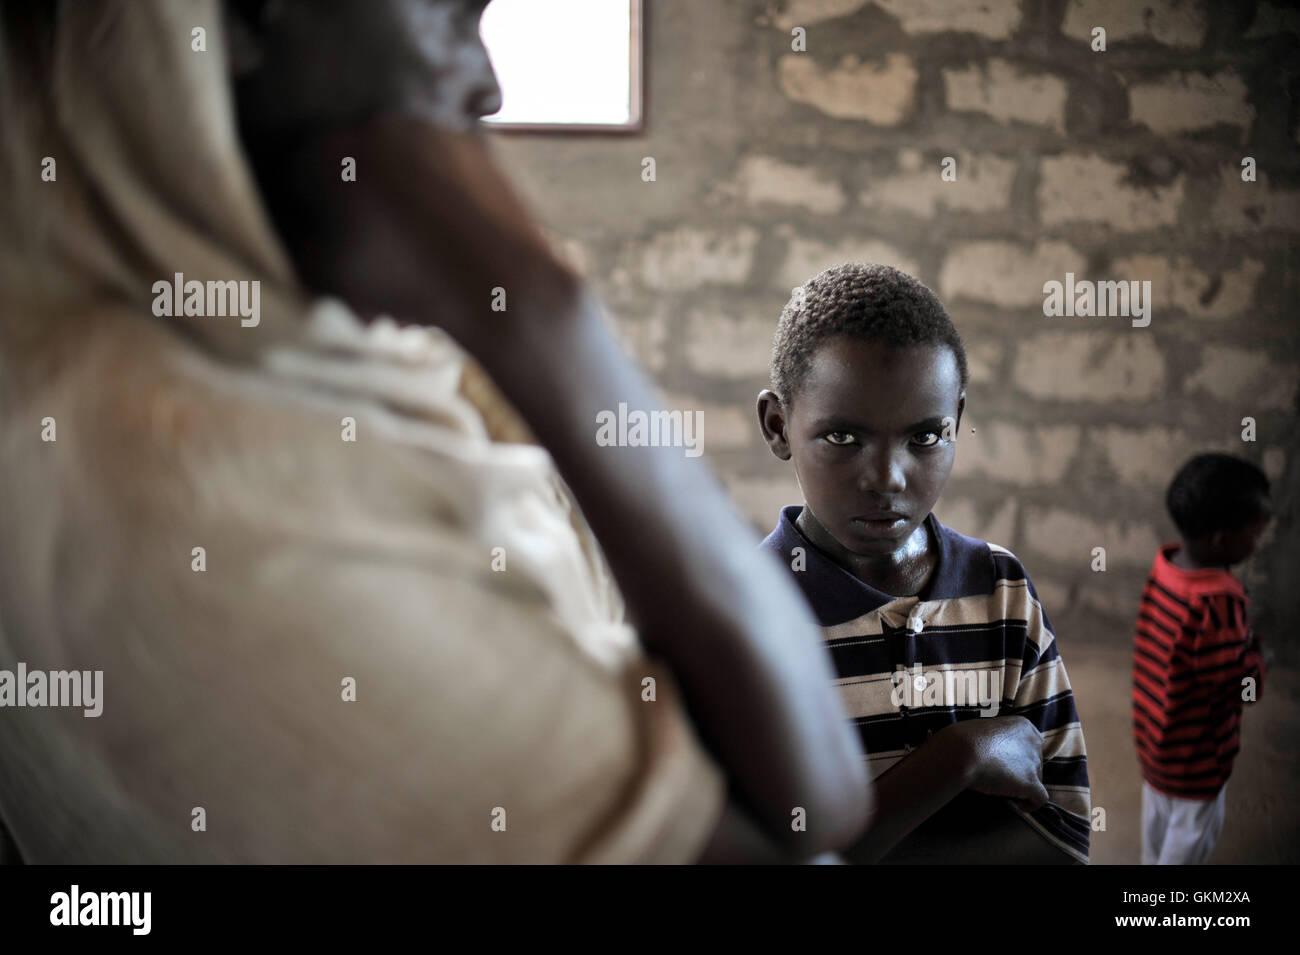 Ein Kind wartet geduldig mit seinem blinden Vater in einer medizinischen Klinik in Mogadischu, Somalia. In einer Stockbild